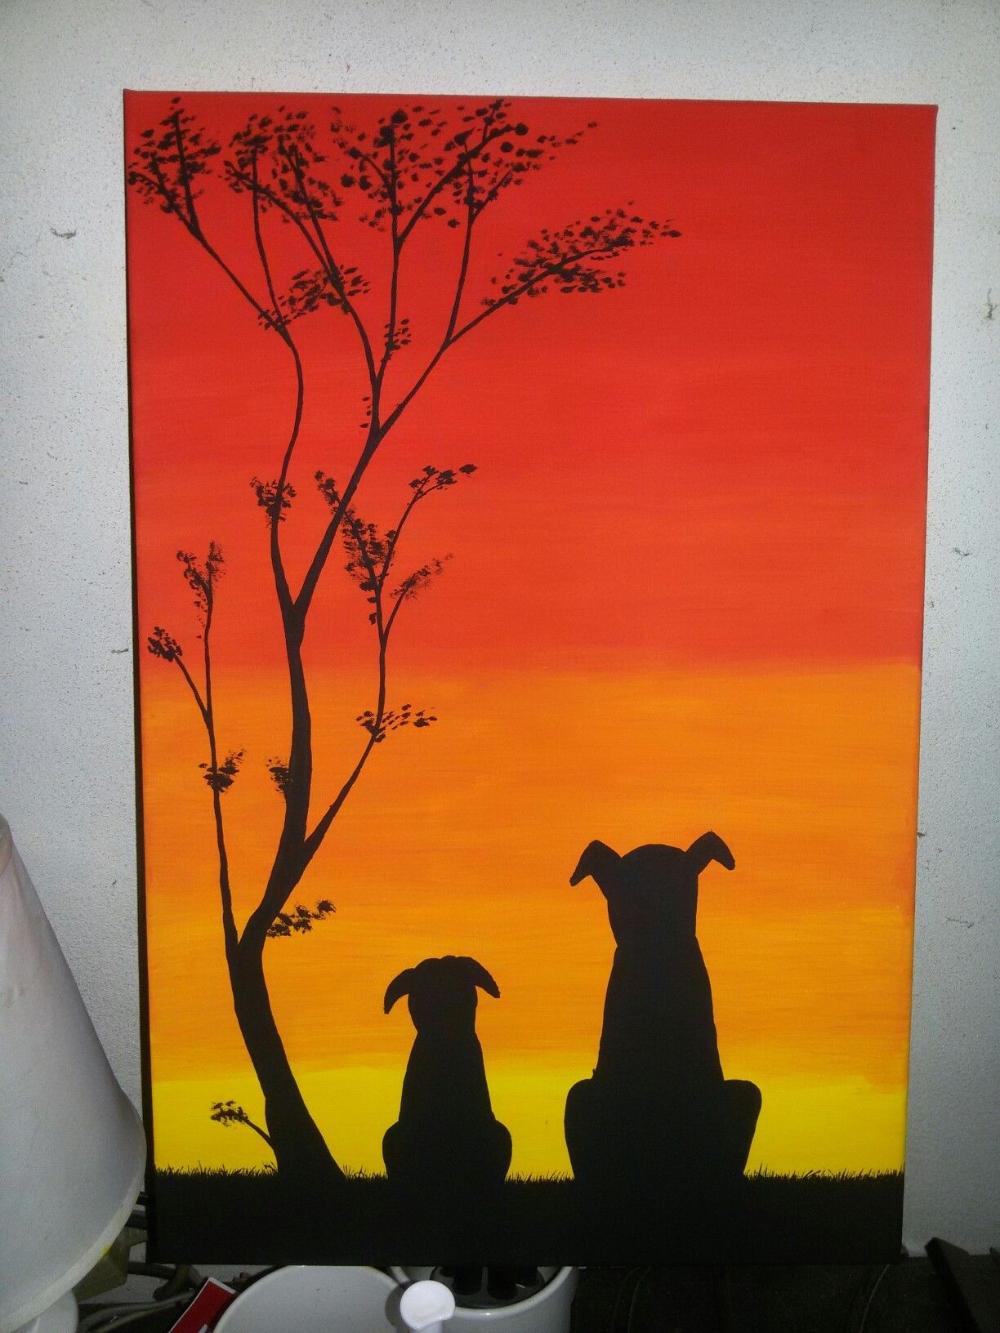 Paisajes Para Pintar Faciles Buscar Con Google Pintura De Arte Arte En Lienzo Cuadros De Arte